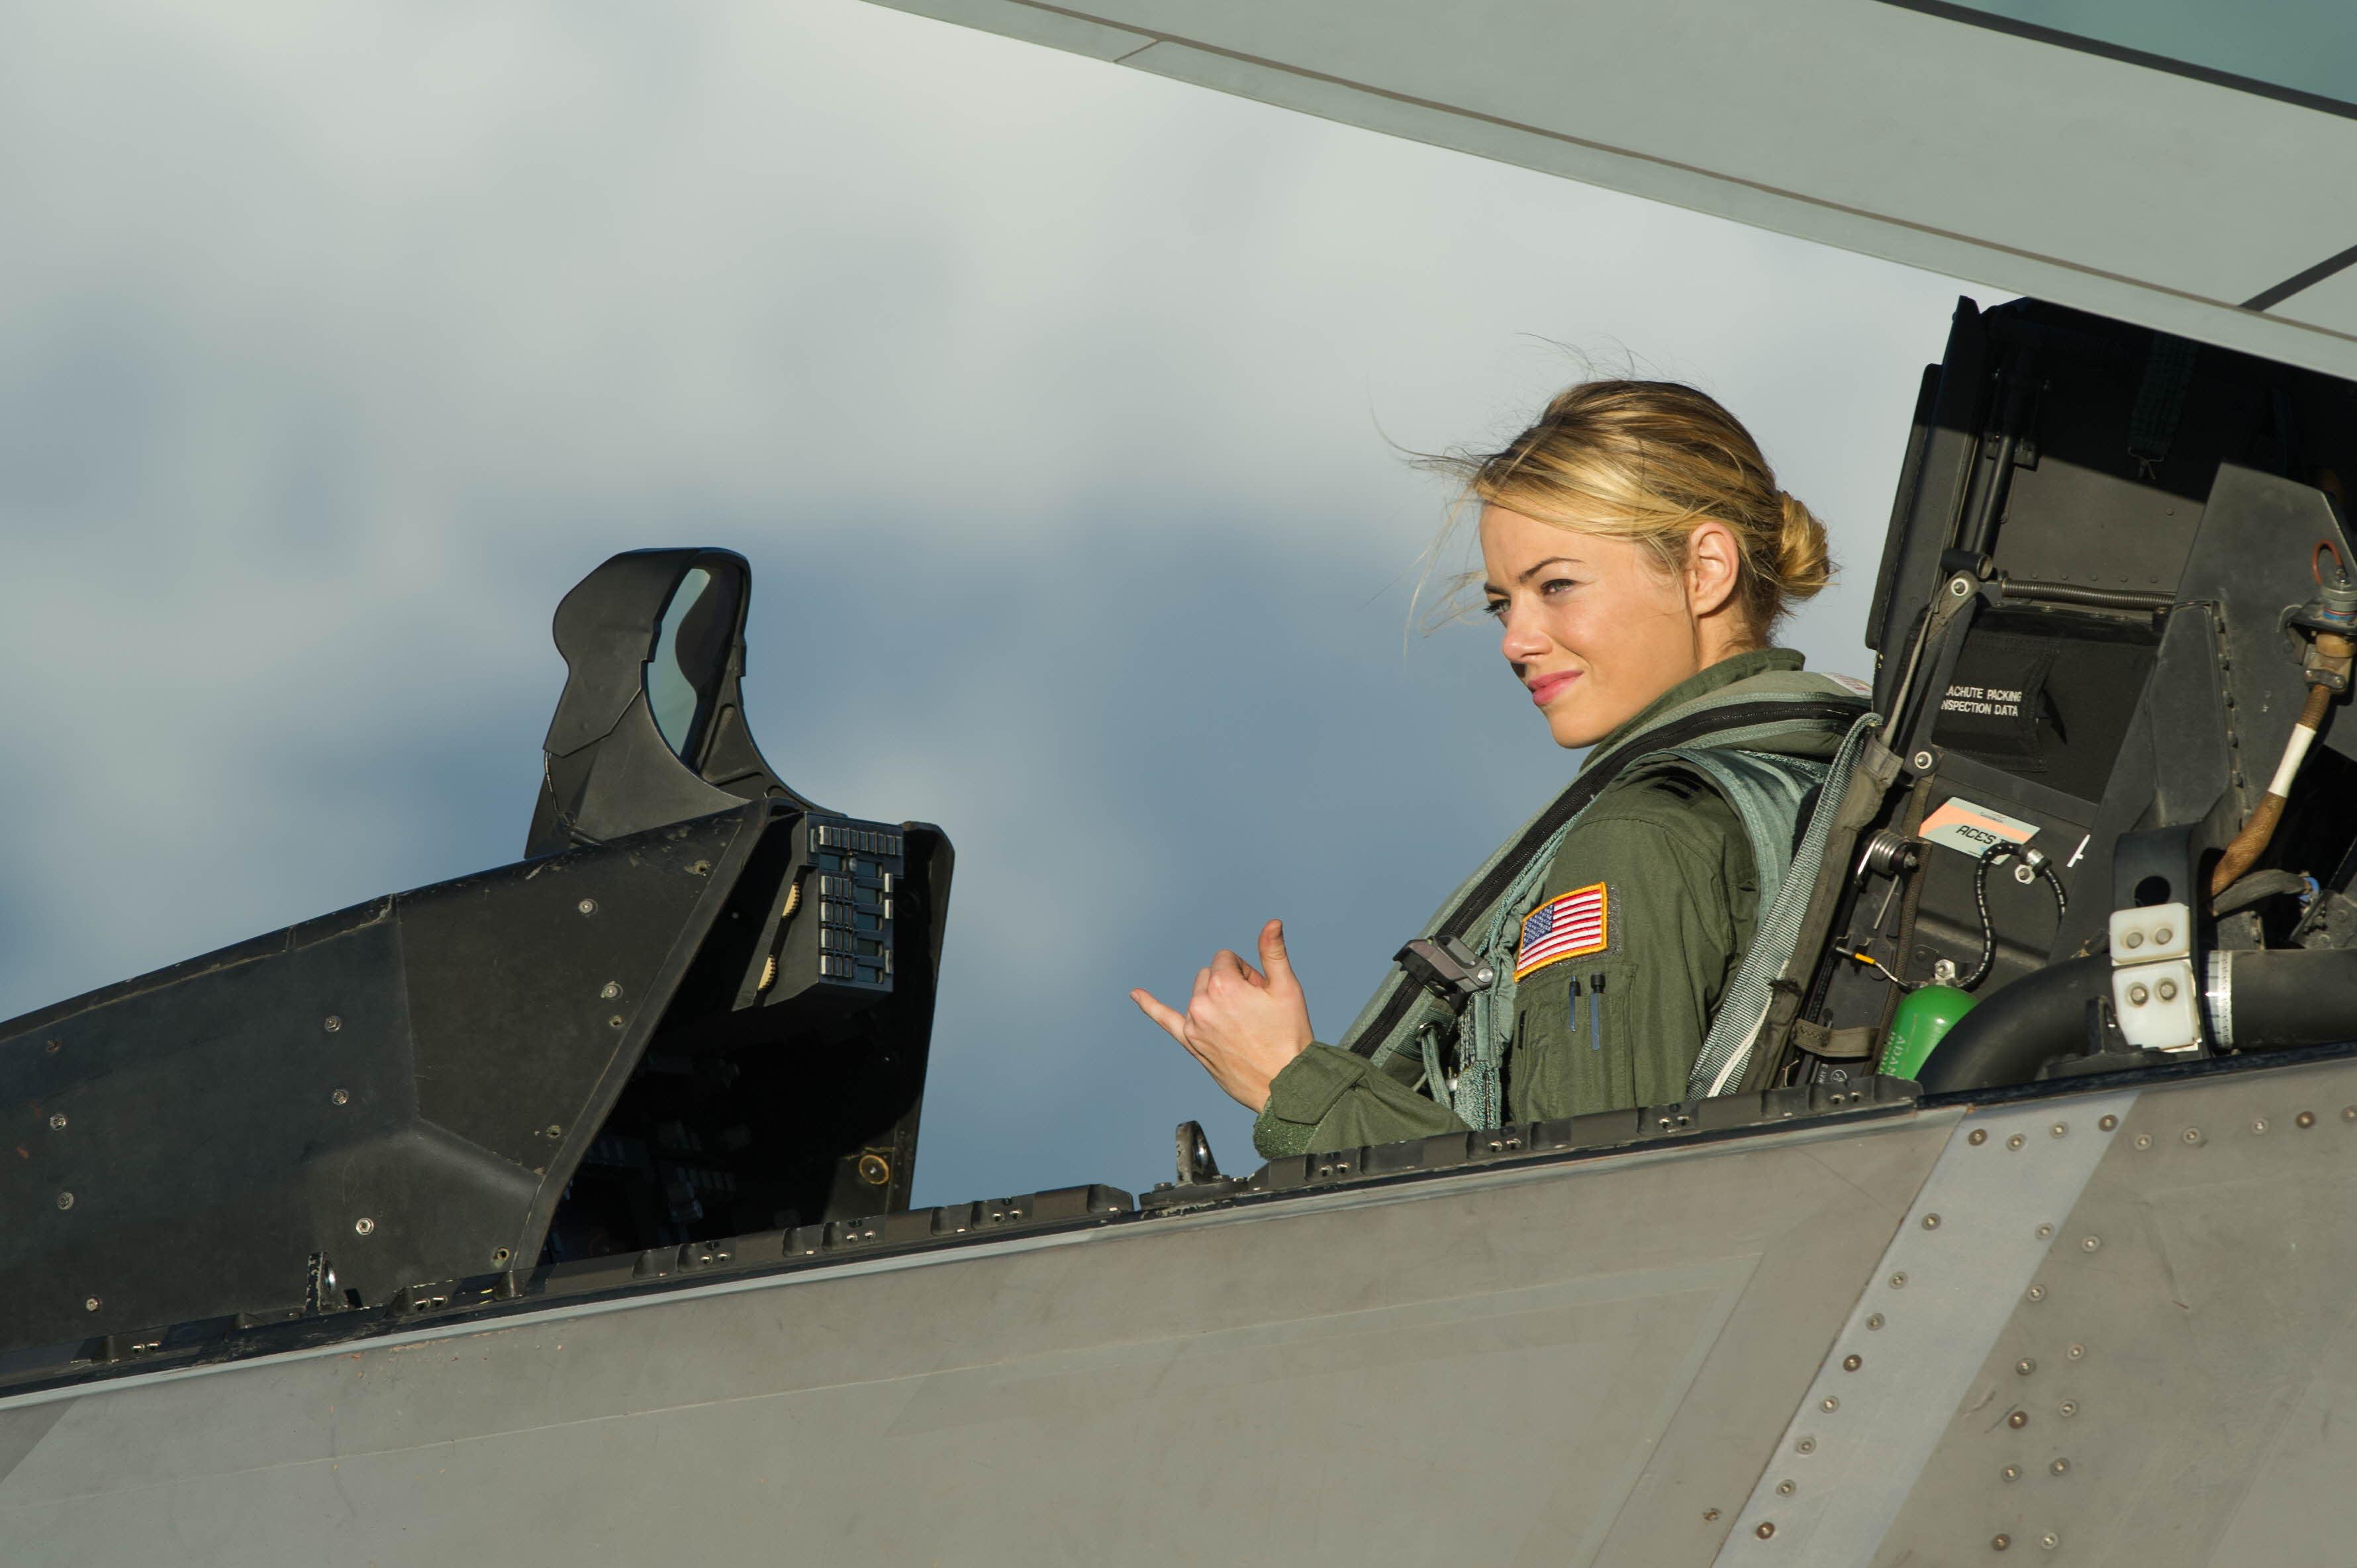 천조국의 F-22 파일럿